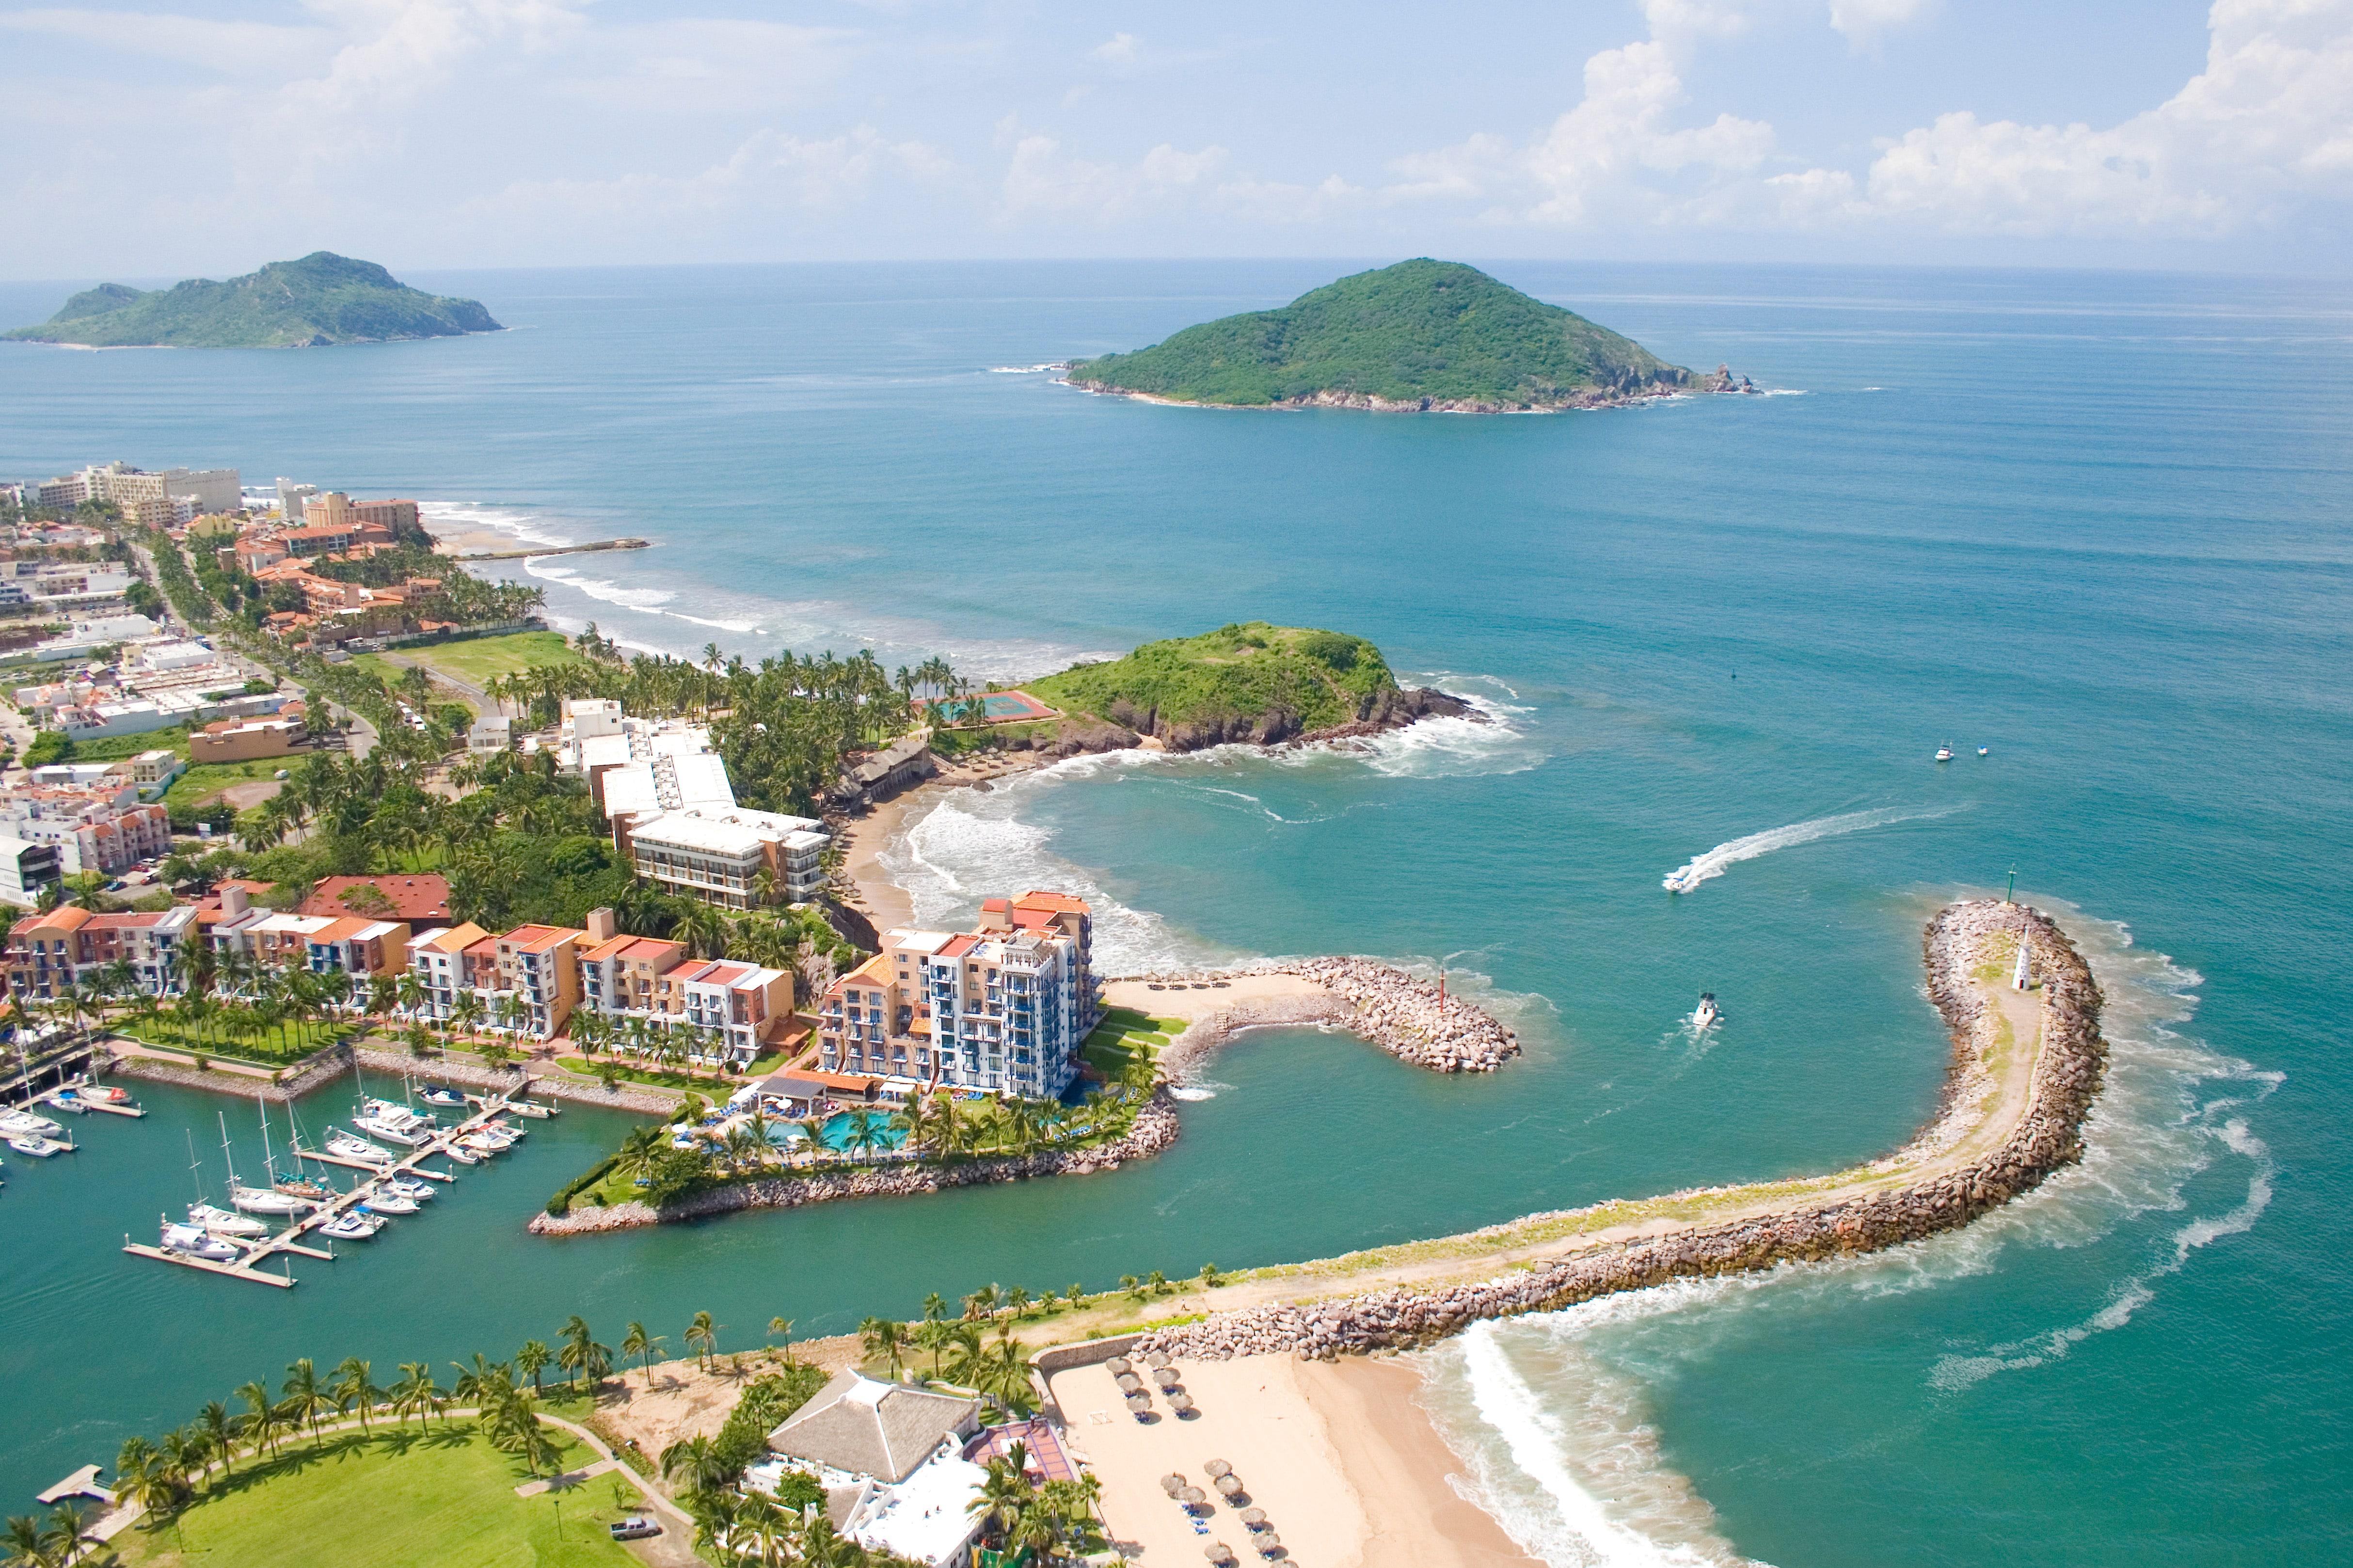 viajar a mazatlán en primavera 2016